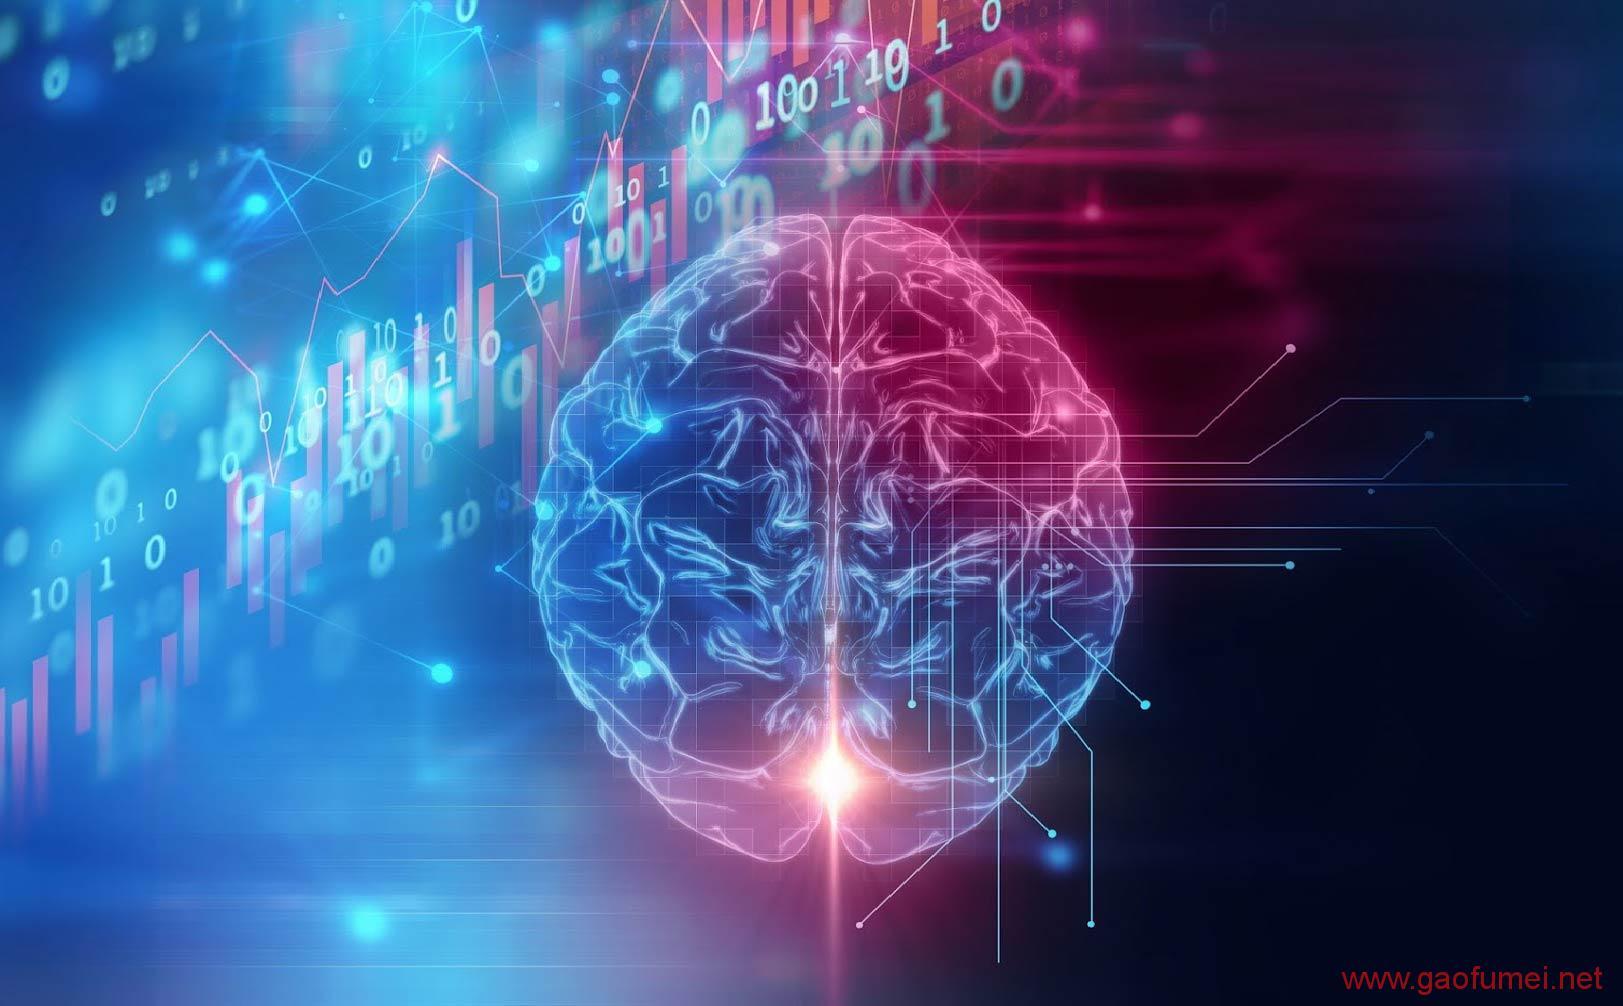 有光科技获李嘉诚风投投资反攻大陆方言的语音识别技术商 语音识别 第4张